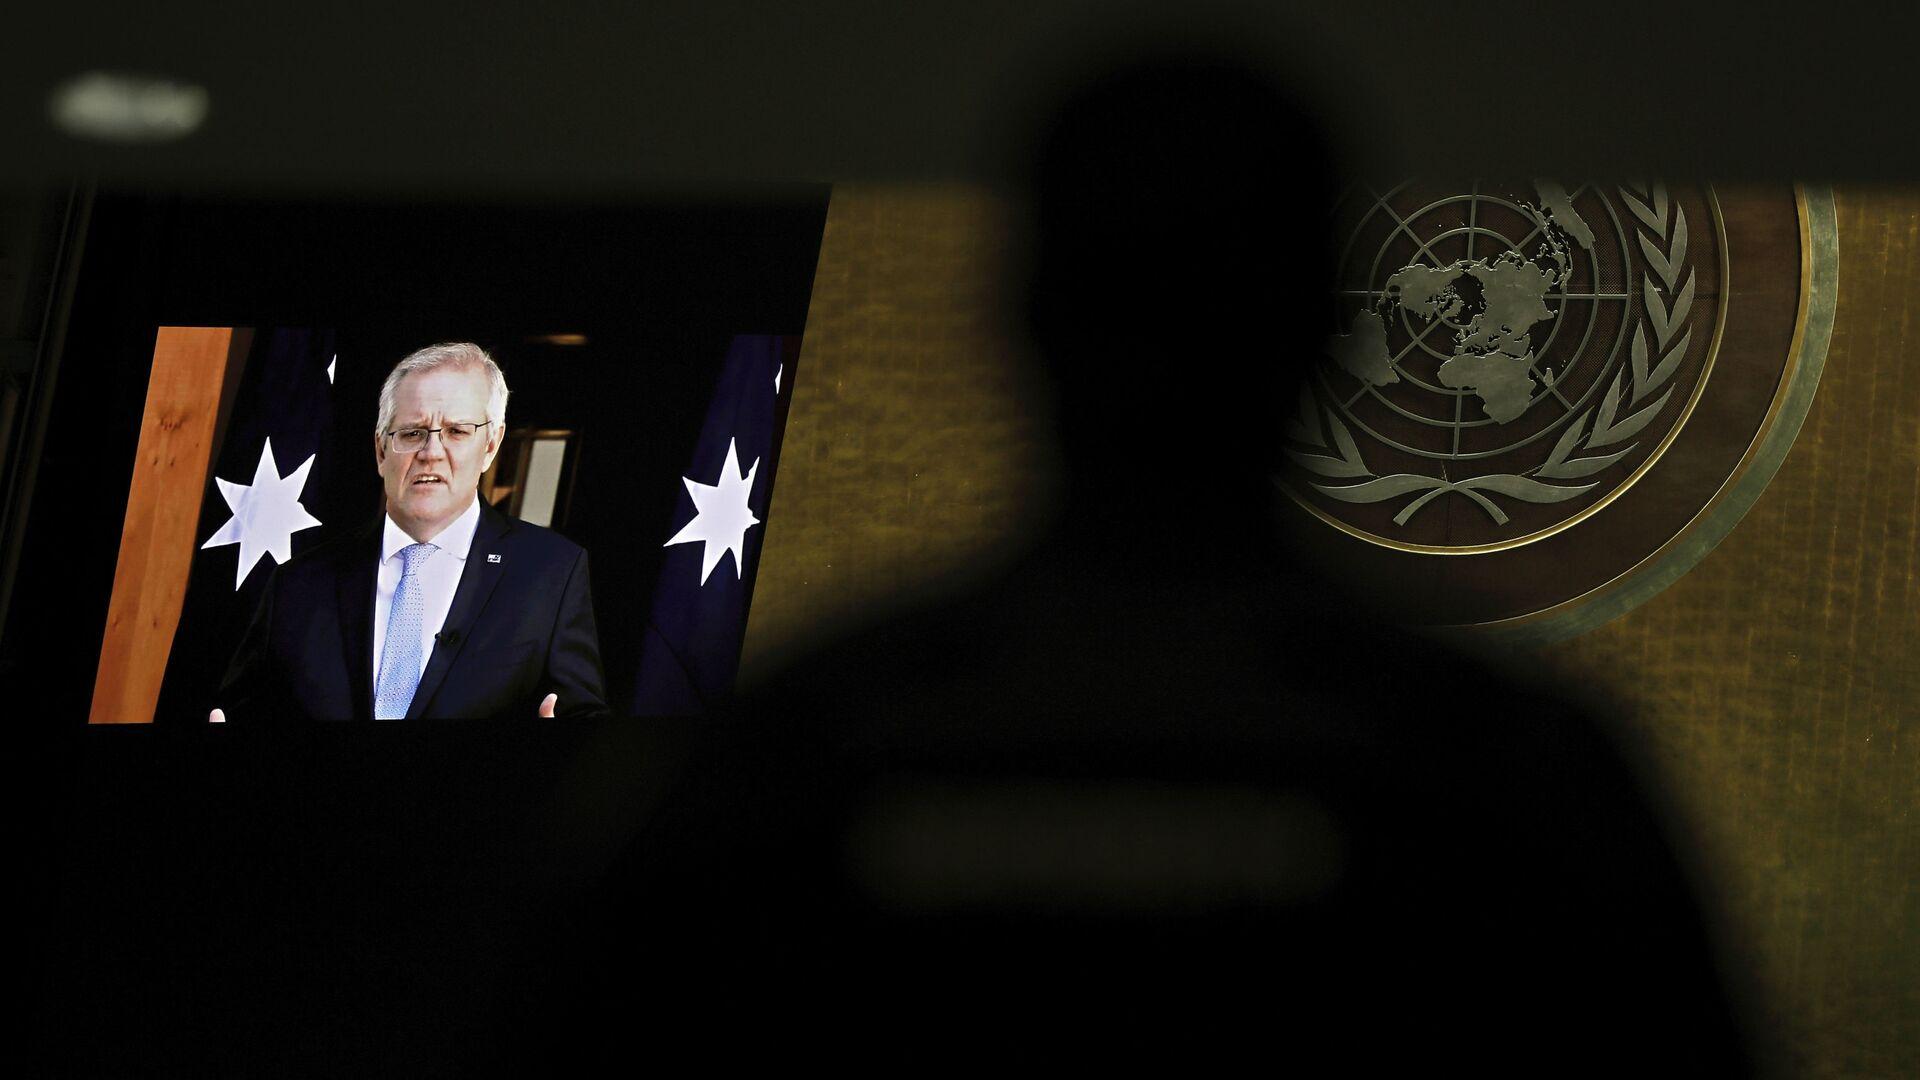 Thủ tướng Úc Scott Morrison phát biểu tại phiên họp thứ 76 của Đại hội đồng Liên hợp quốc - Sputnik Việt Nam, 1920, 25.09.2021